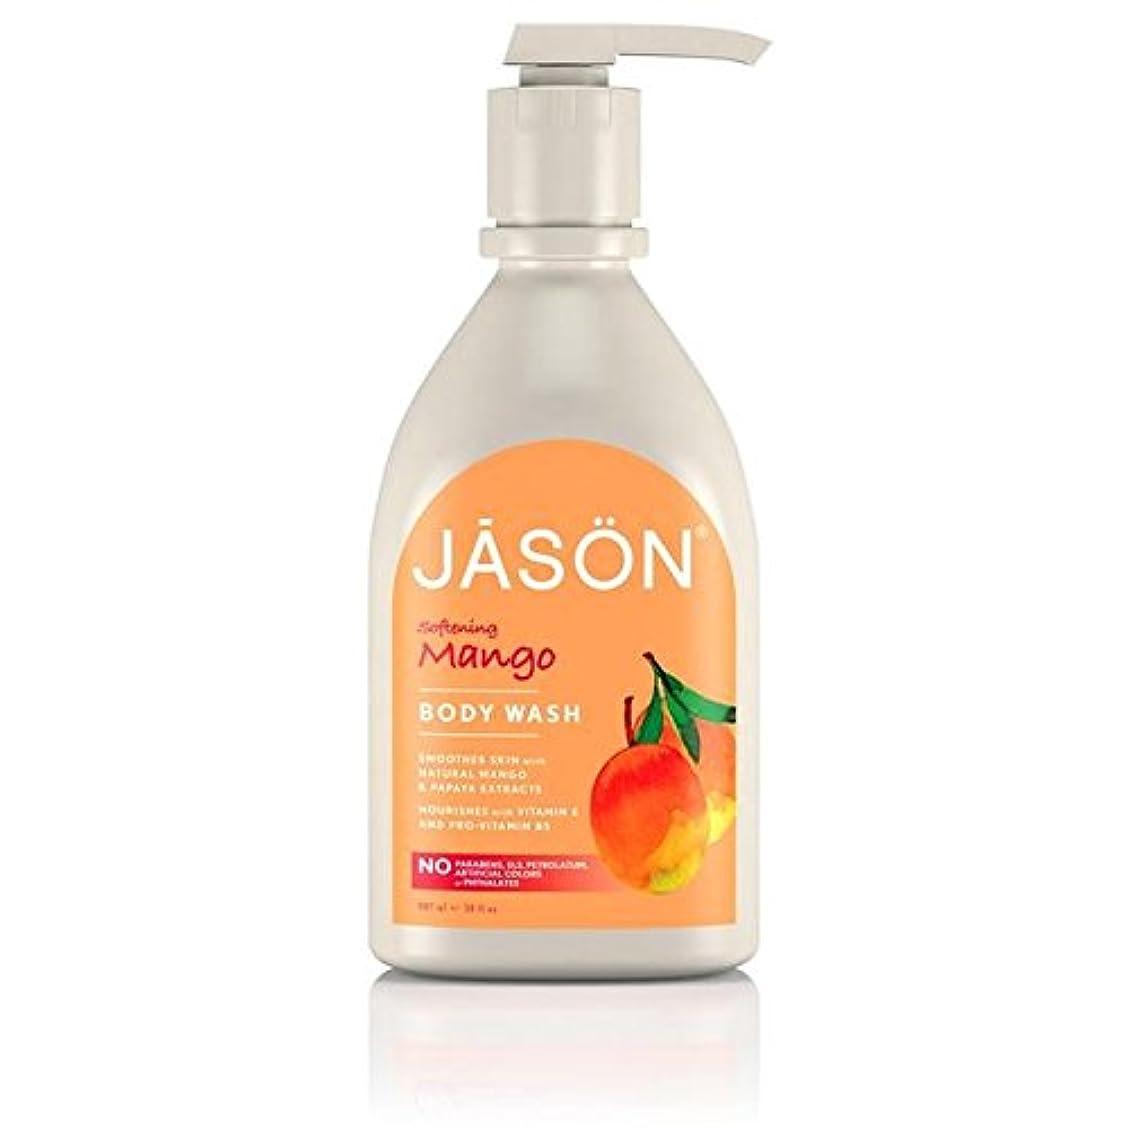 ドール伝統的退屈ジェイソン?マンゴーサテンボディウォッシュポンプ900ミリリットル x4 - Jason Mango Satin Body Wash Pump 900ml (Pack of 4) [並行輸入品]